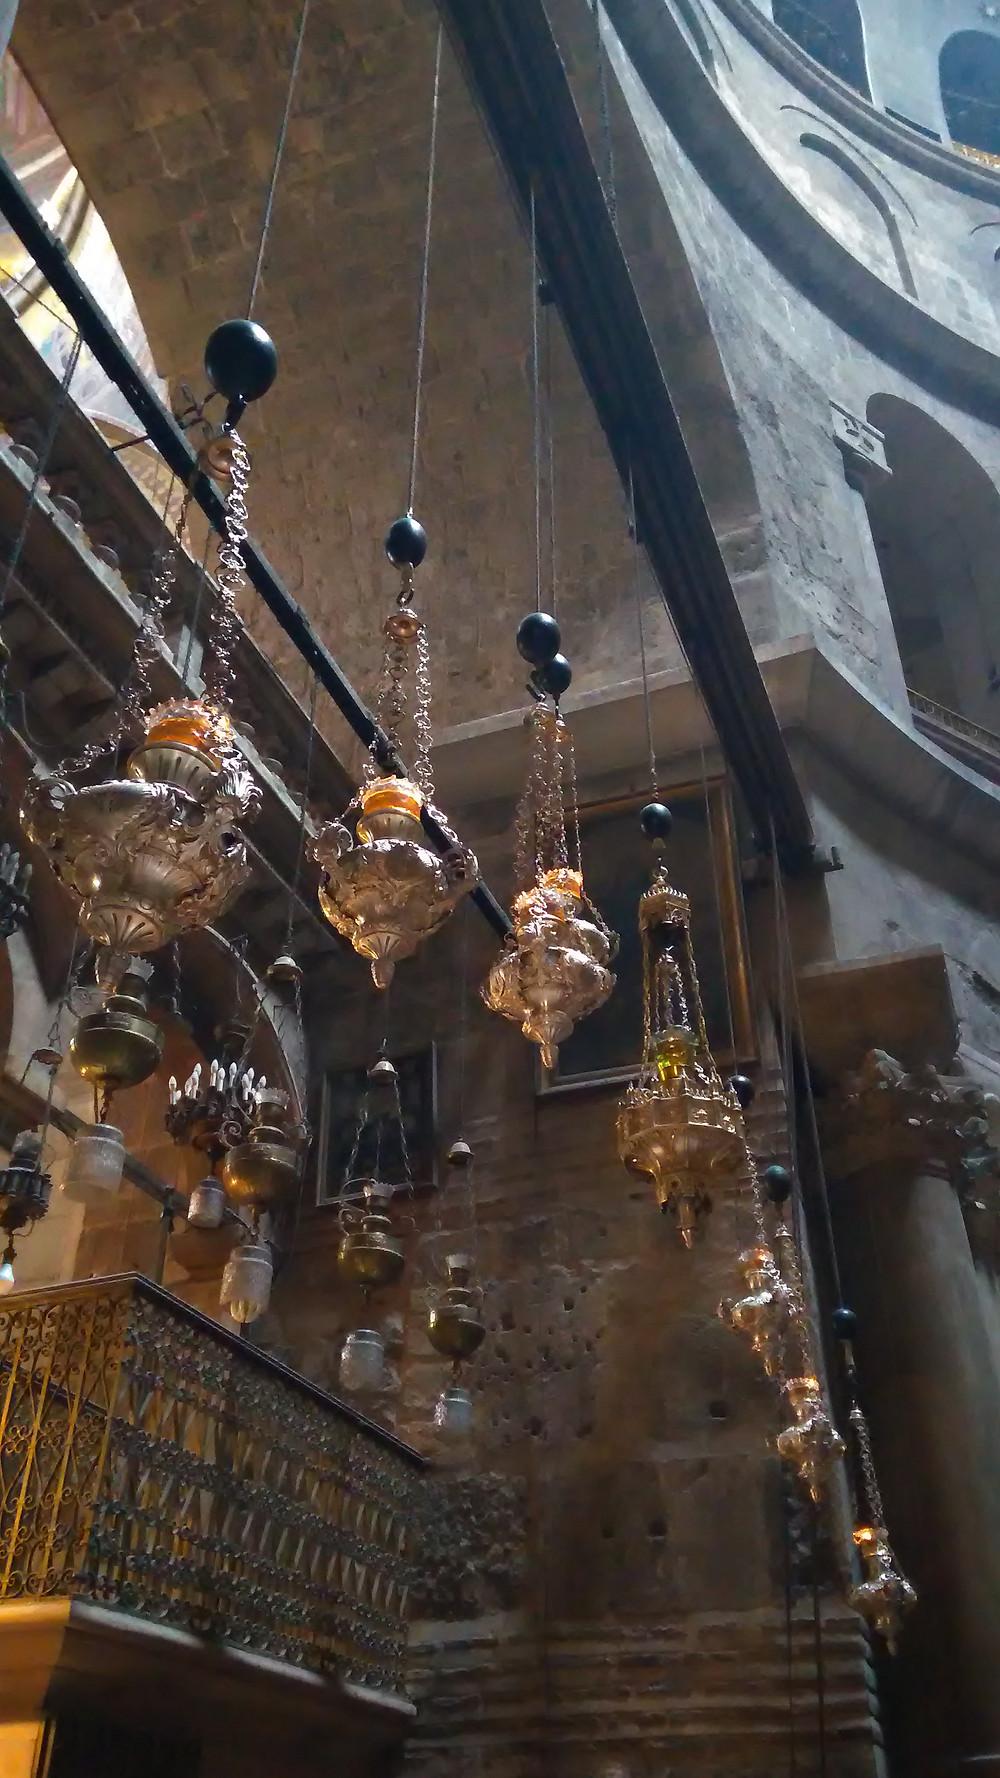 Pyhän Haudan kirkko on täynnä upeita yksityiskohtia.